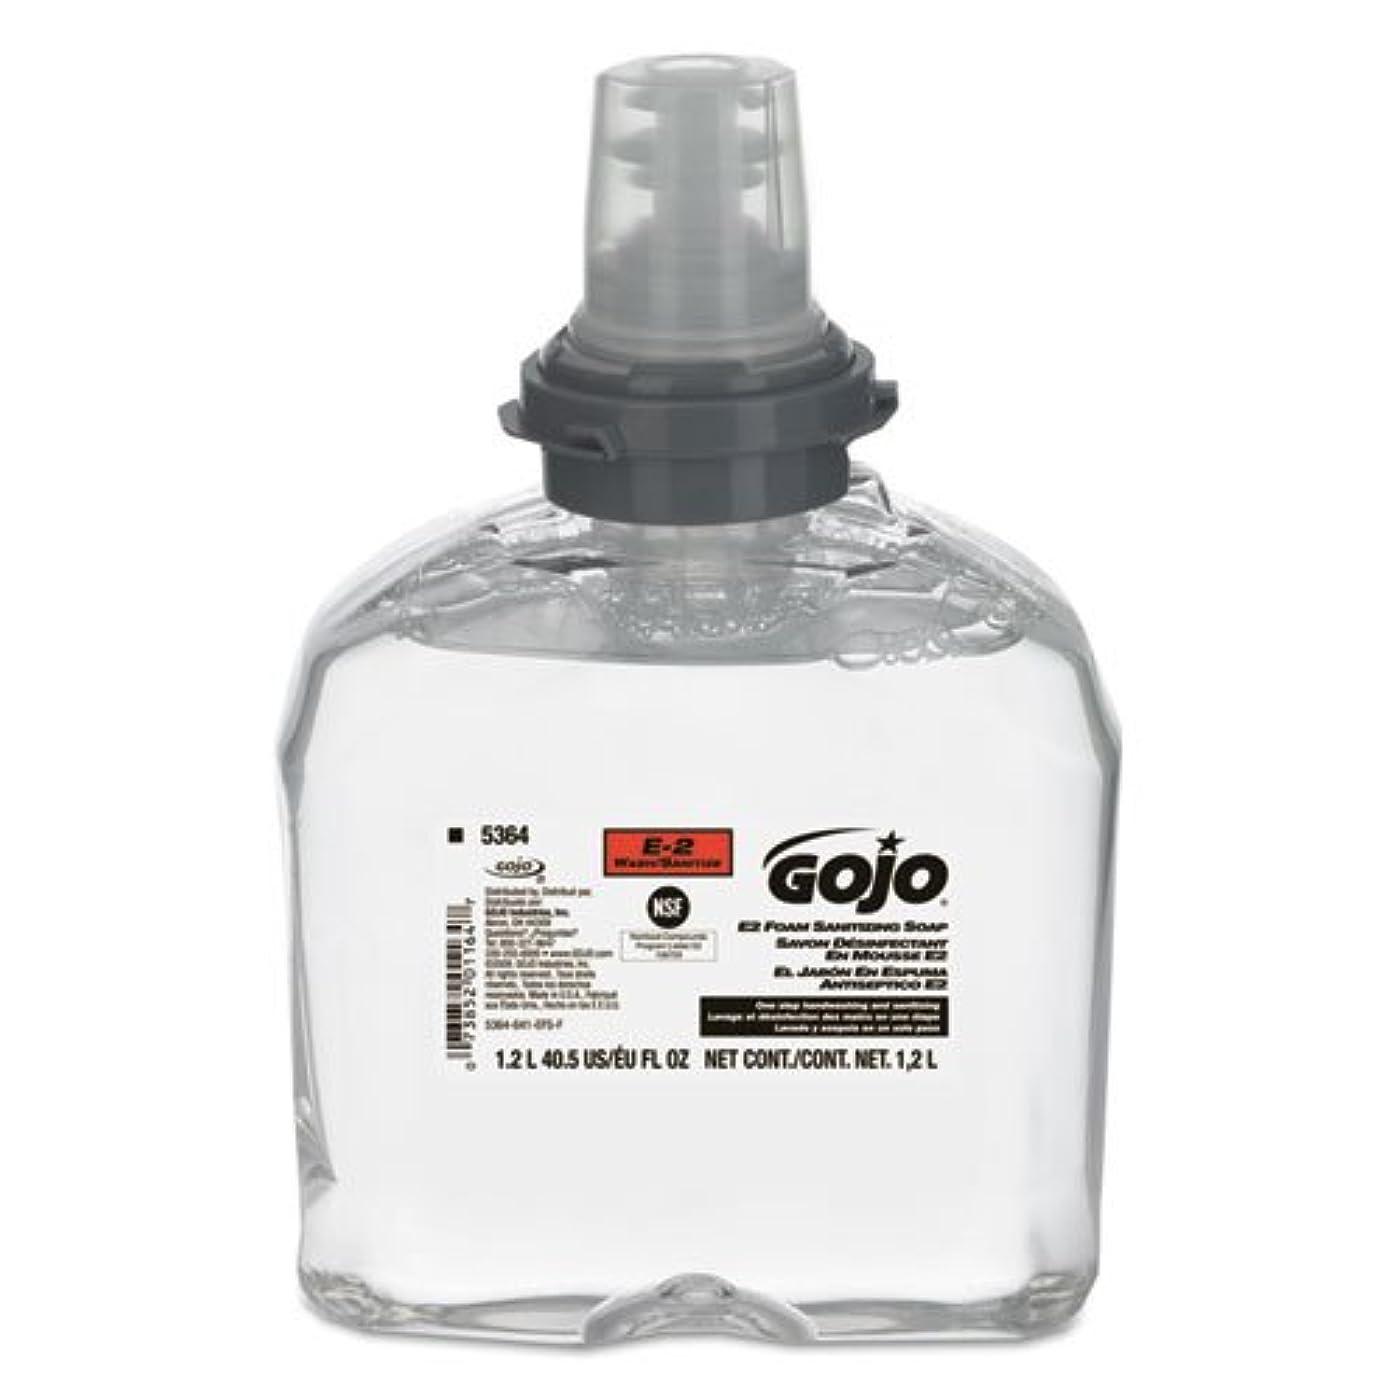 一掃するフィードオン失礼なgoj536402 – e2フォームSanitizing Soap、1200 mlリフィル